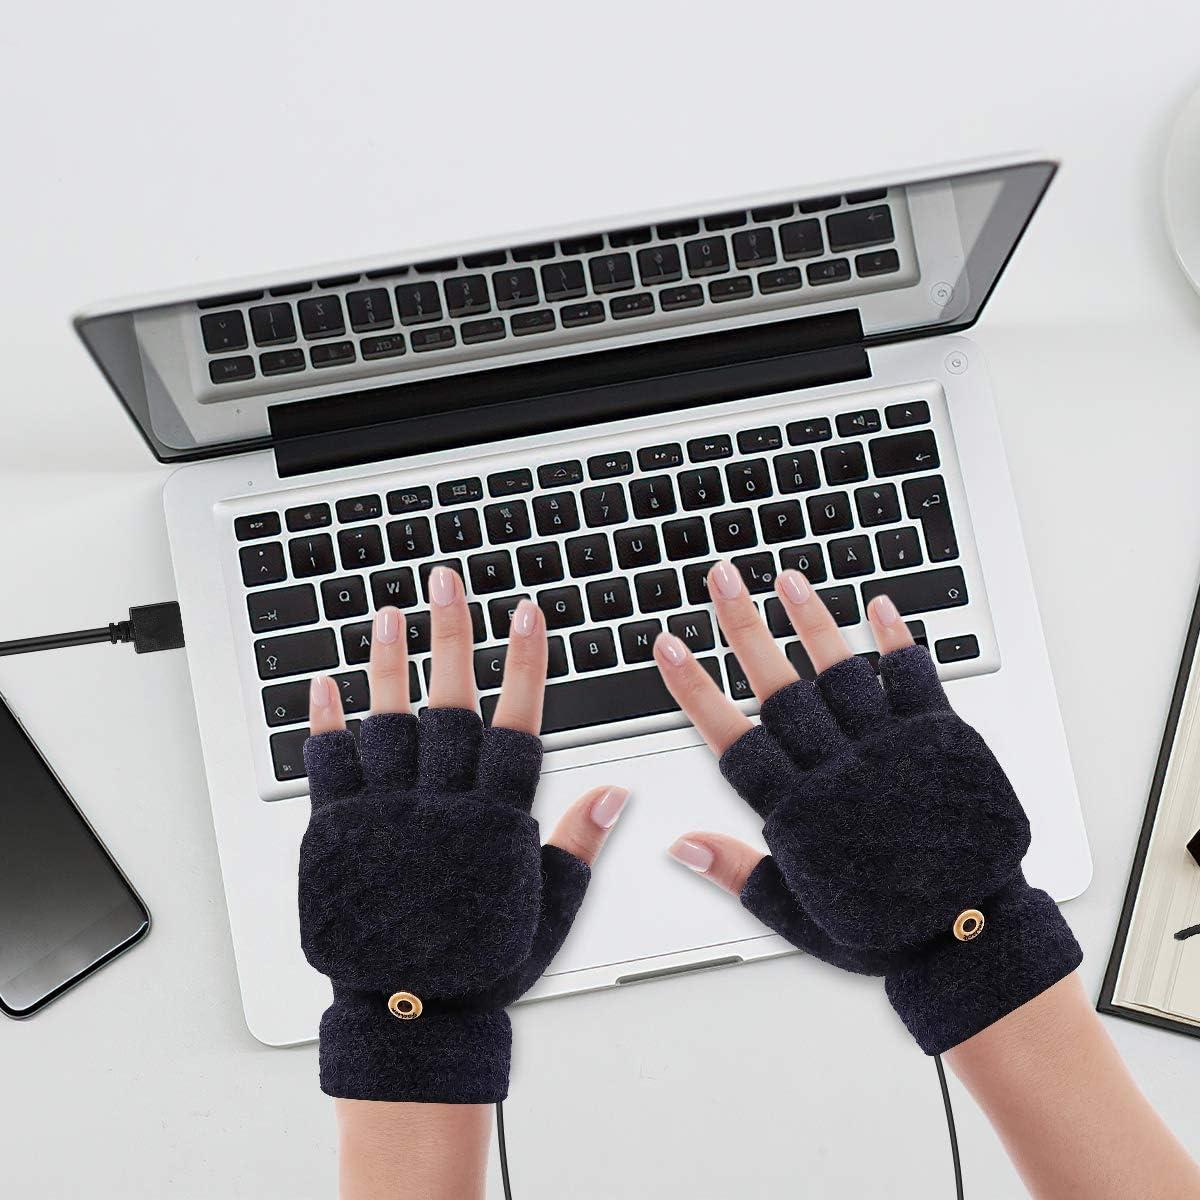 Yinuoday Guantes con Calefacci/ón Usb Guantes de Calefacci/ón El/éctrica de Invierno Unisex Guantes para Laptop Mitones 3 Configuraciones de Temperatura Completo Y Medio Dedo M/ás C/álido para